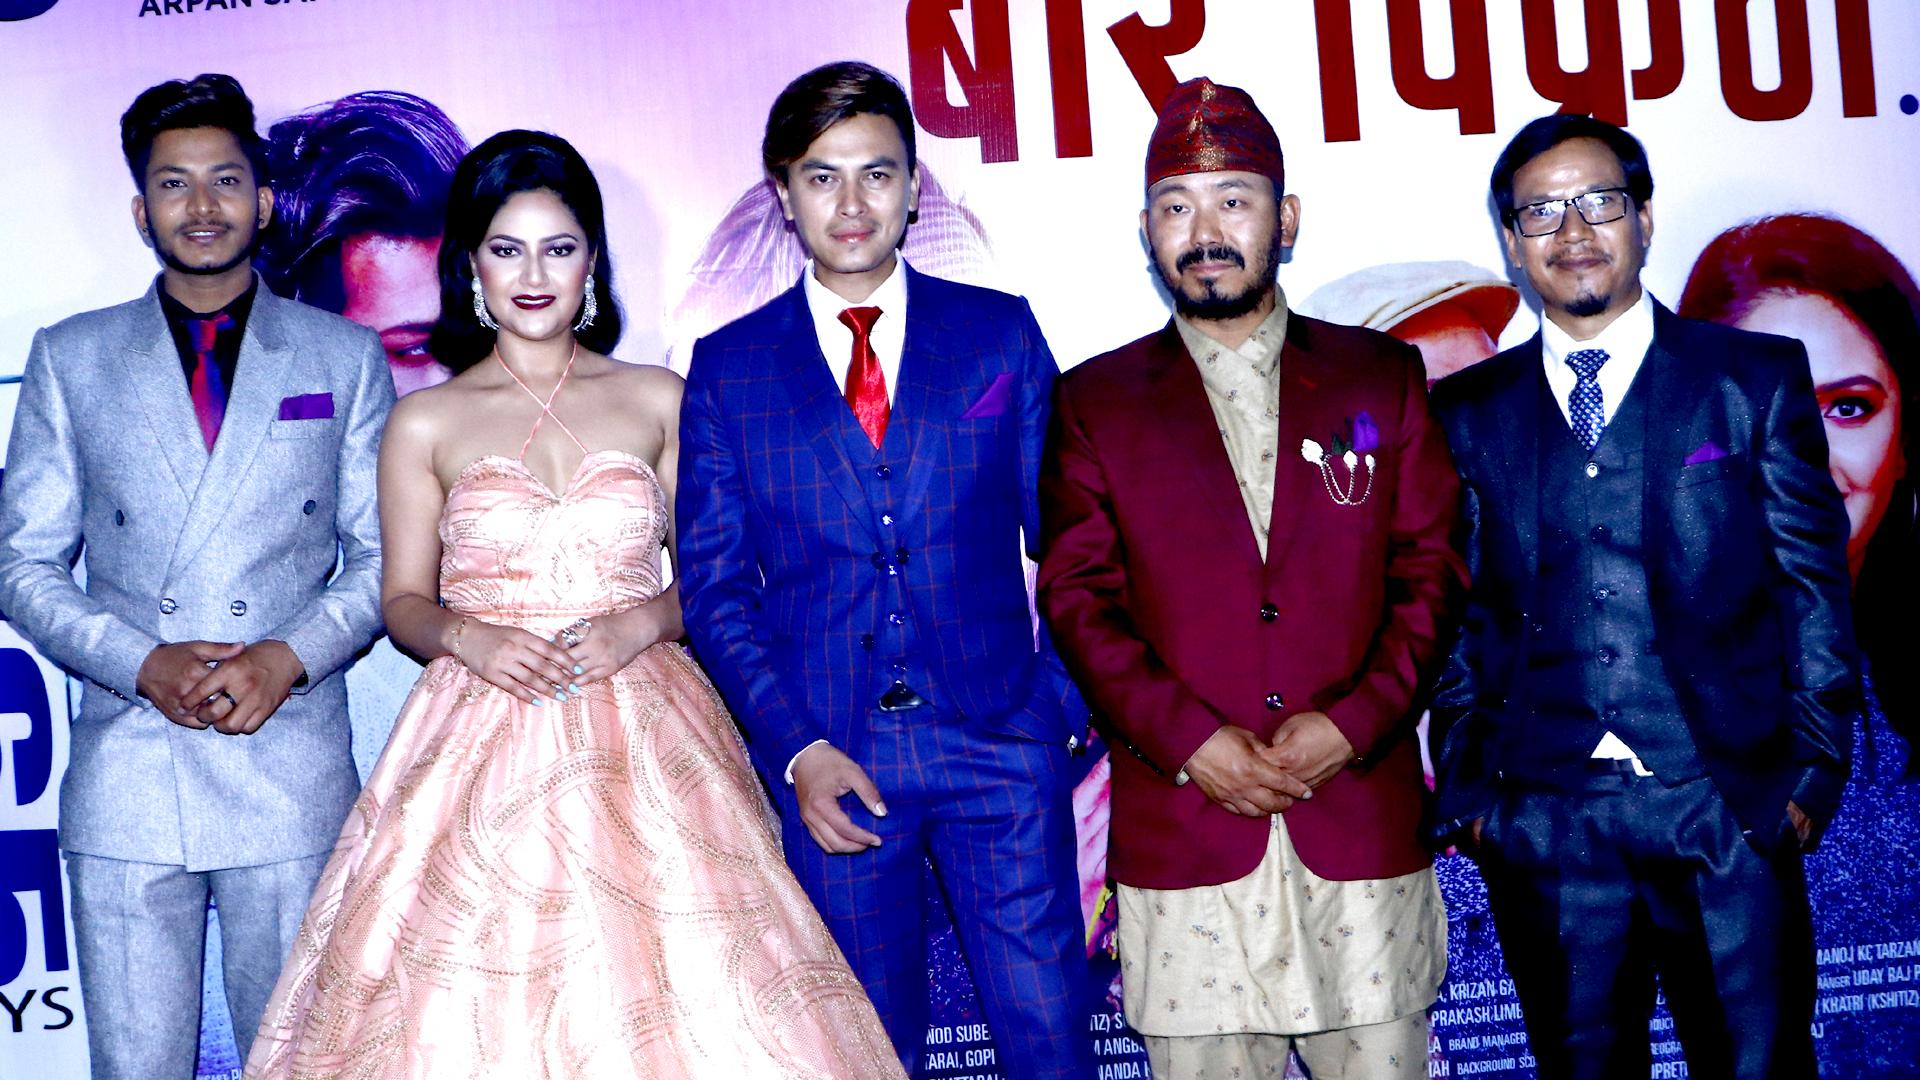 पल, नाजिर र वर्षा अभिनित चलचित्र 'विर विक्रम २' युट्युबमा सार्वजनिक (फिल्मसहित)